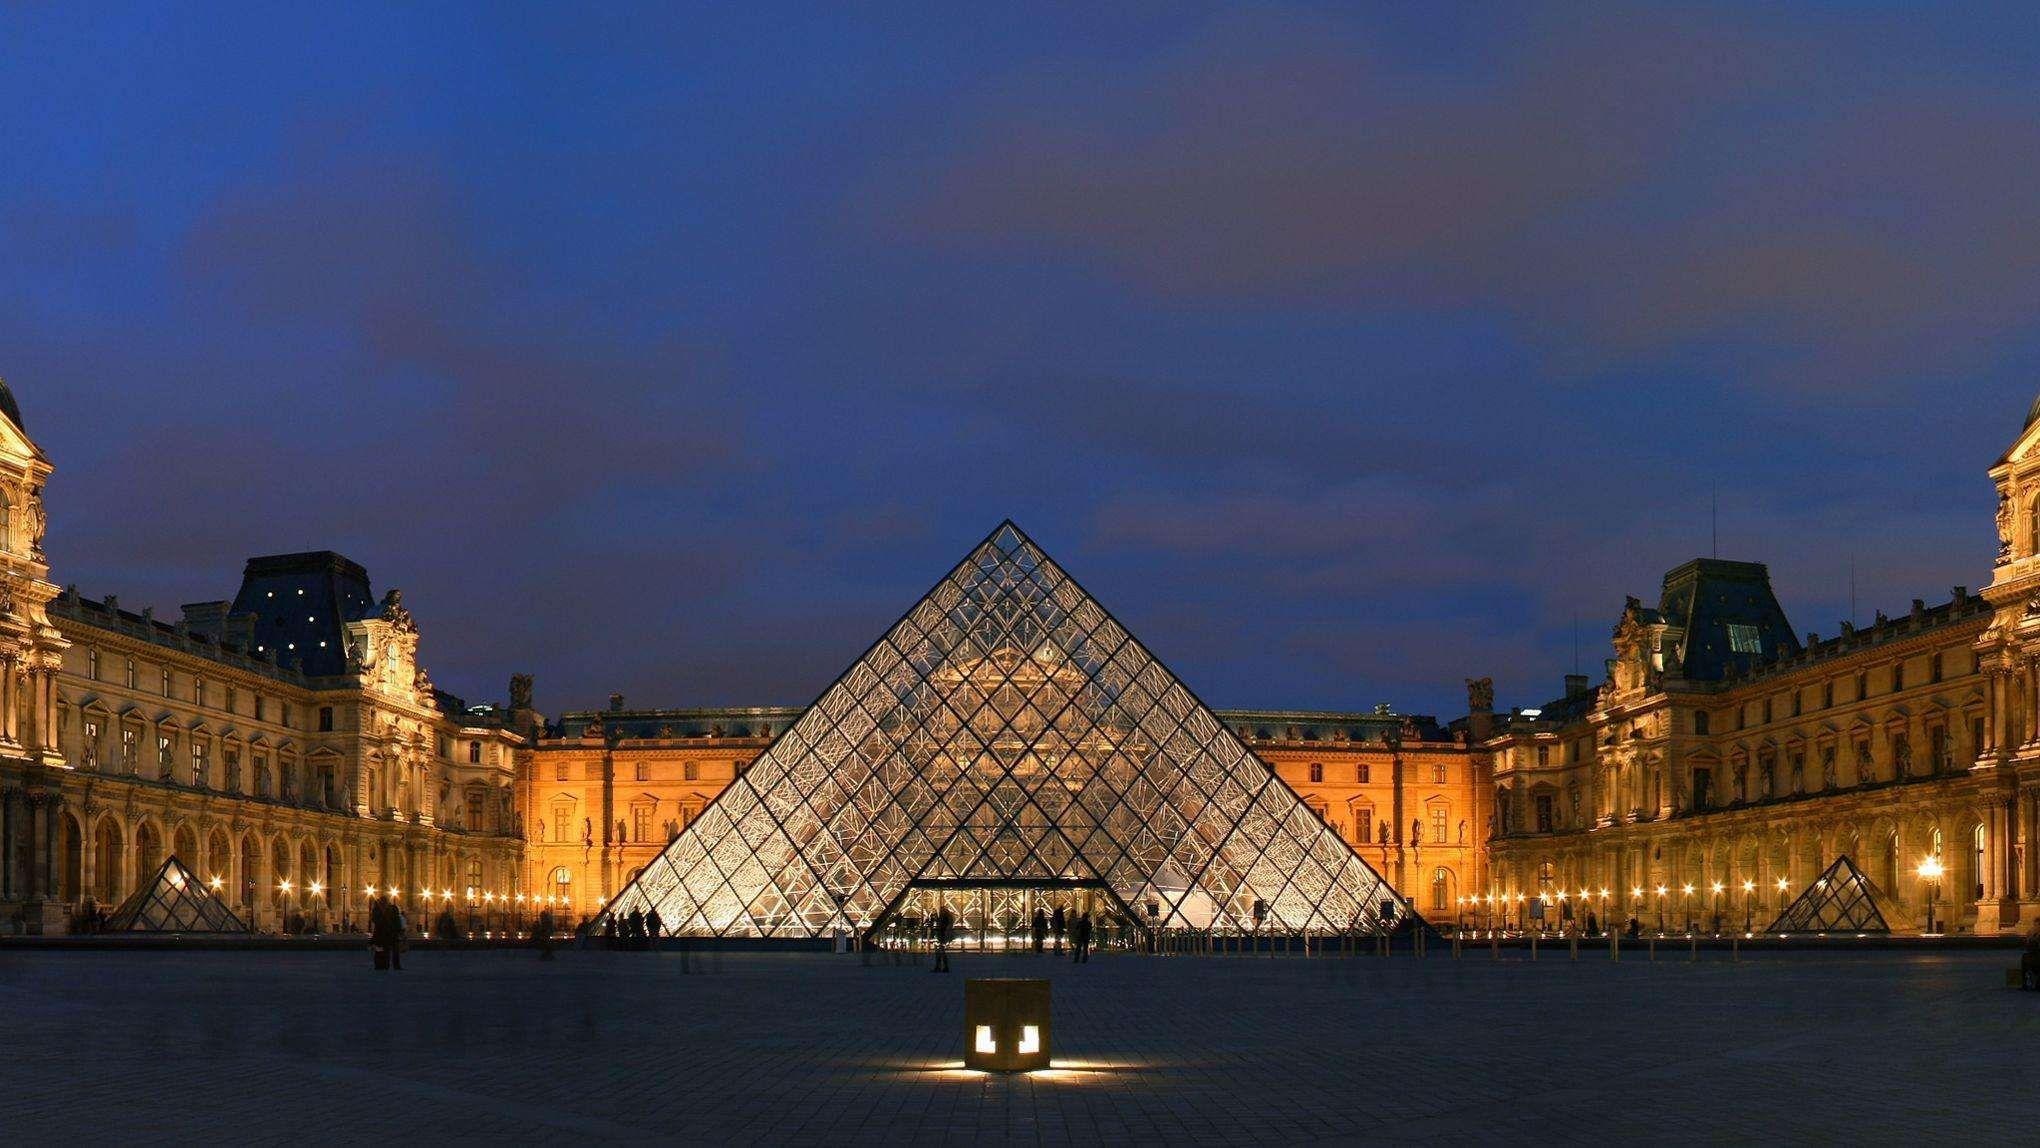 """卢浮宫的设计师贝聿铭说 """"它预示着未来"""",建筑界的评价是 """"它是现代"""